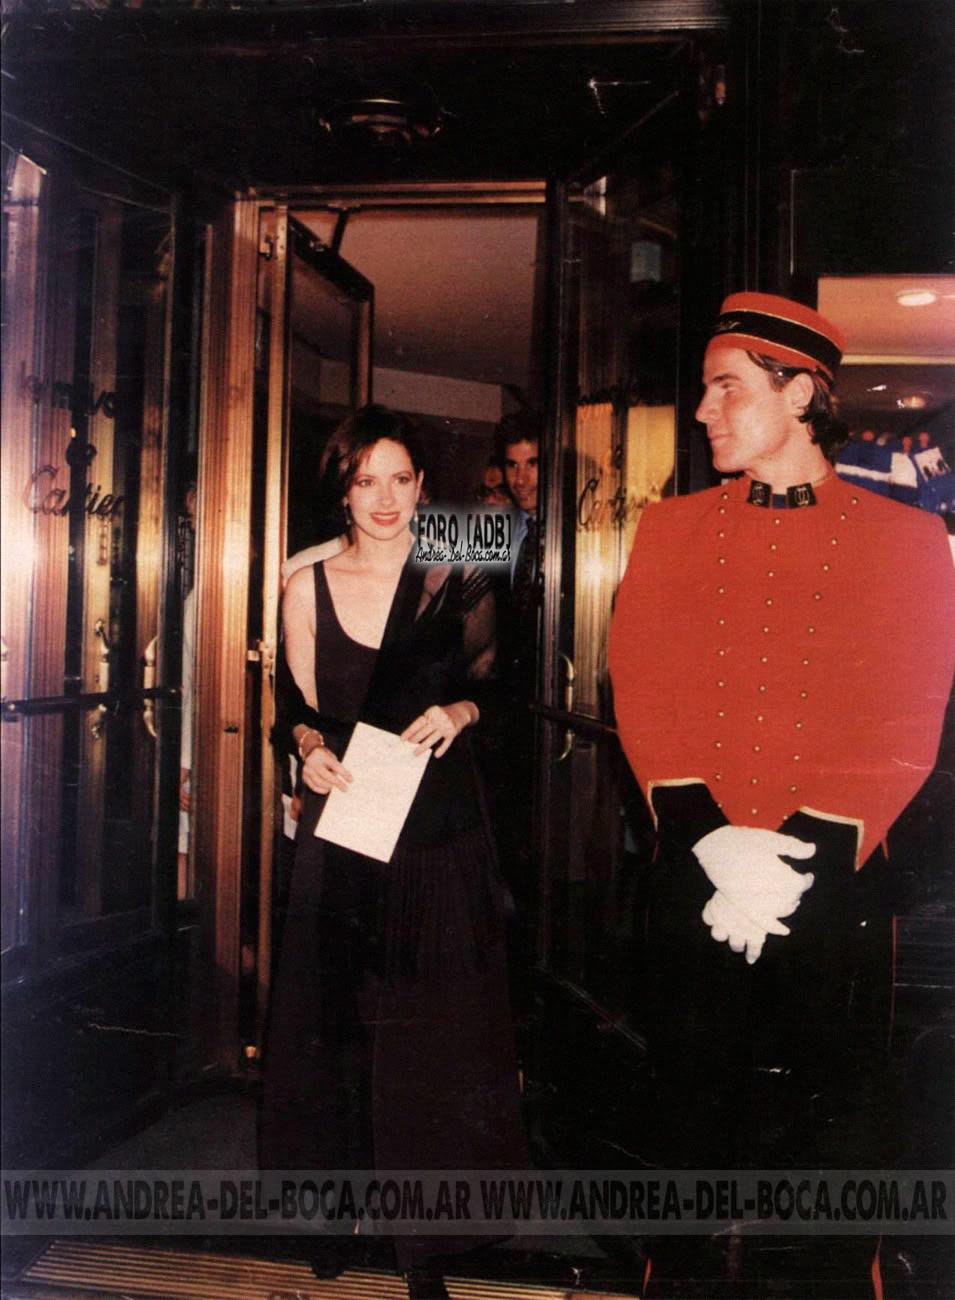 Фотографии / Fotos (часть 4) - Página 4 1995_Andy-Jeff_ny001